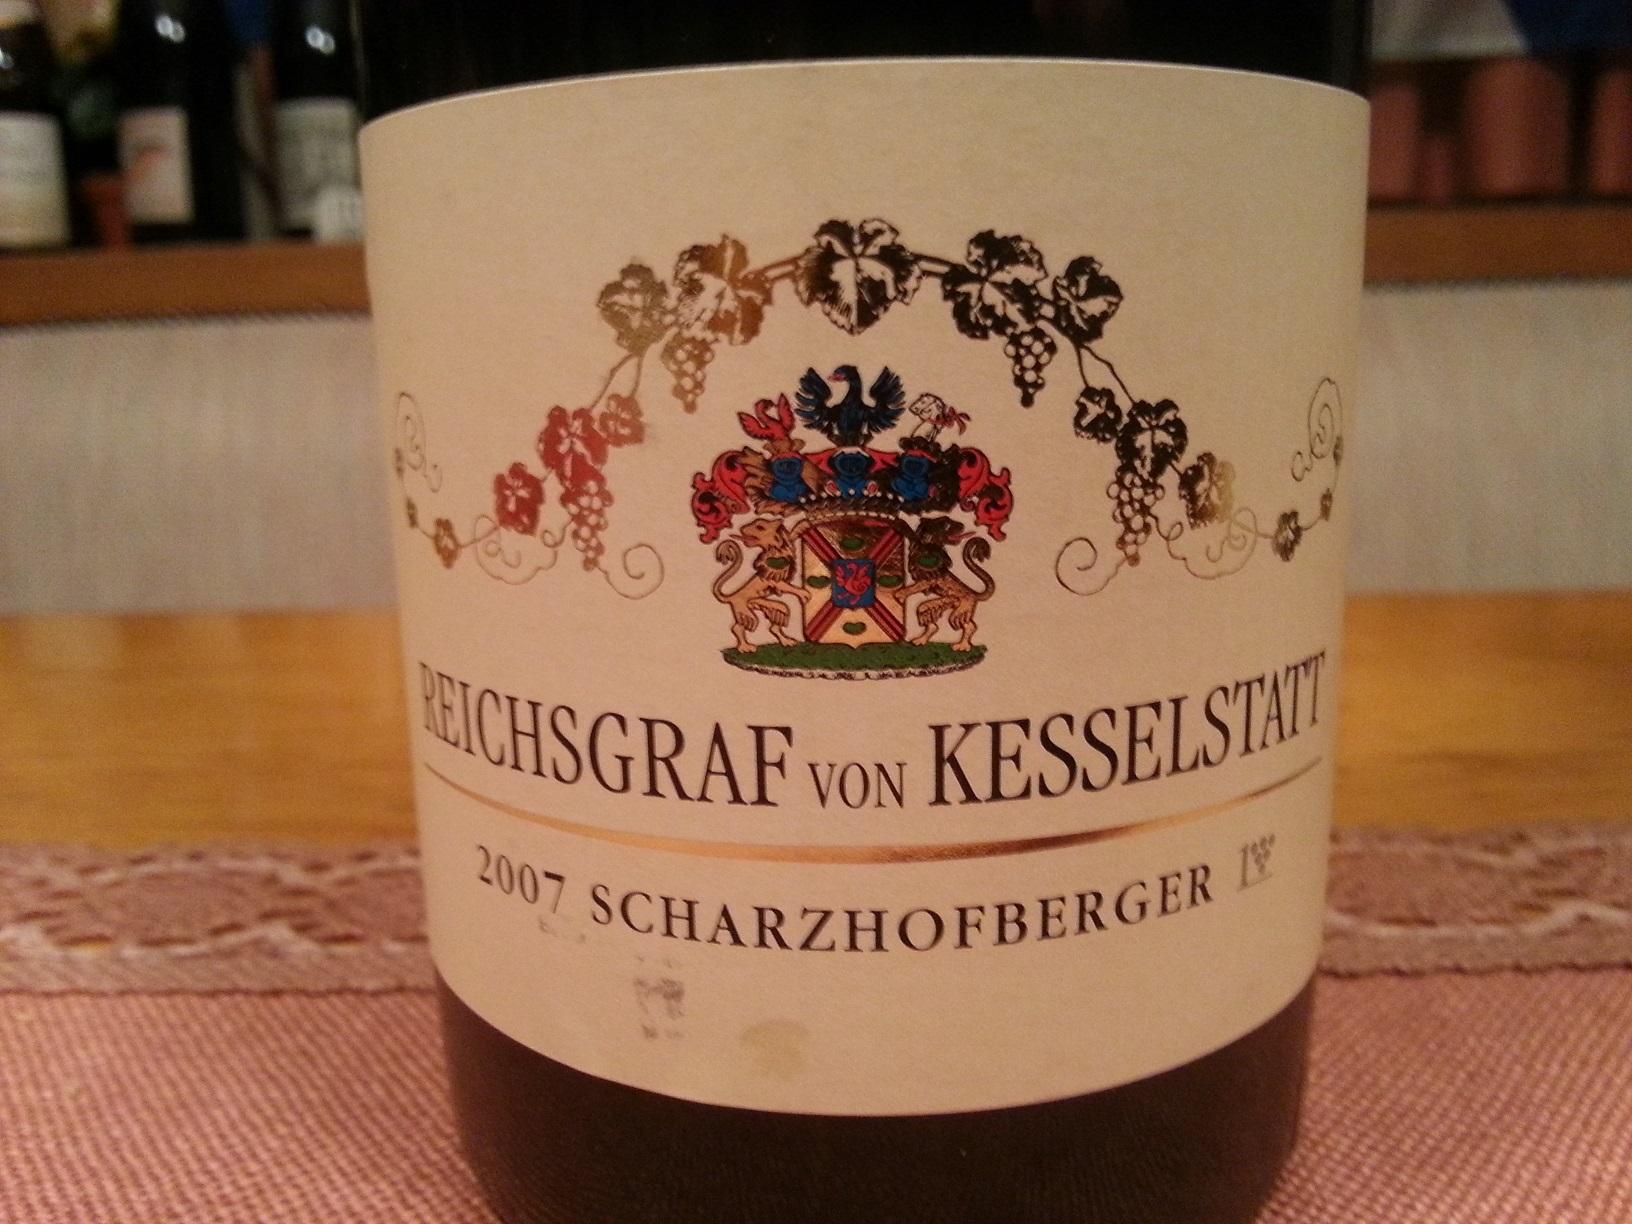 2007 Riesling Scharzhofberger GG | Kesselstatt